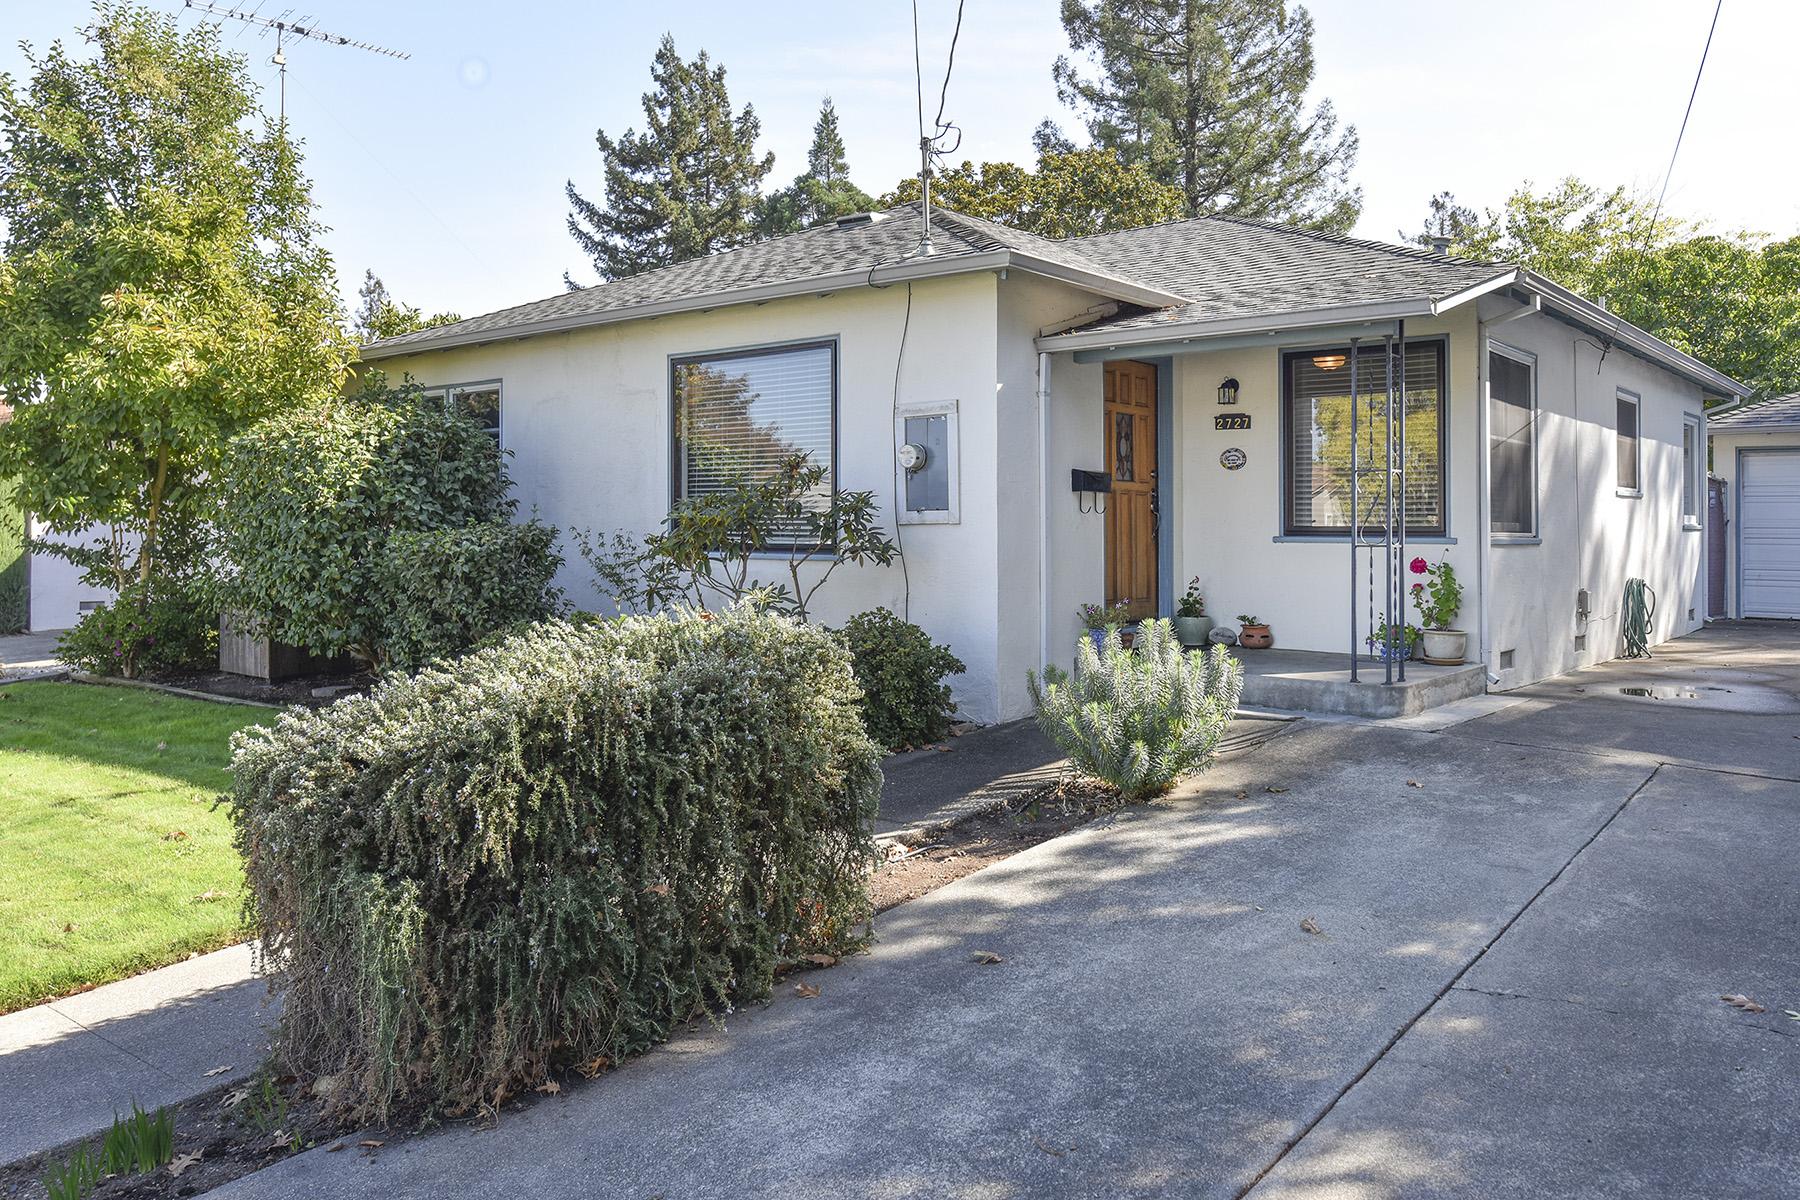 sales property at 2727 Idaho St, Napa, CA 94558